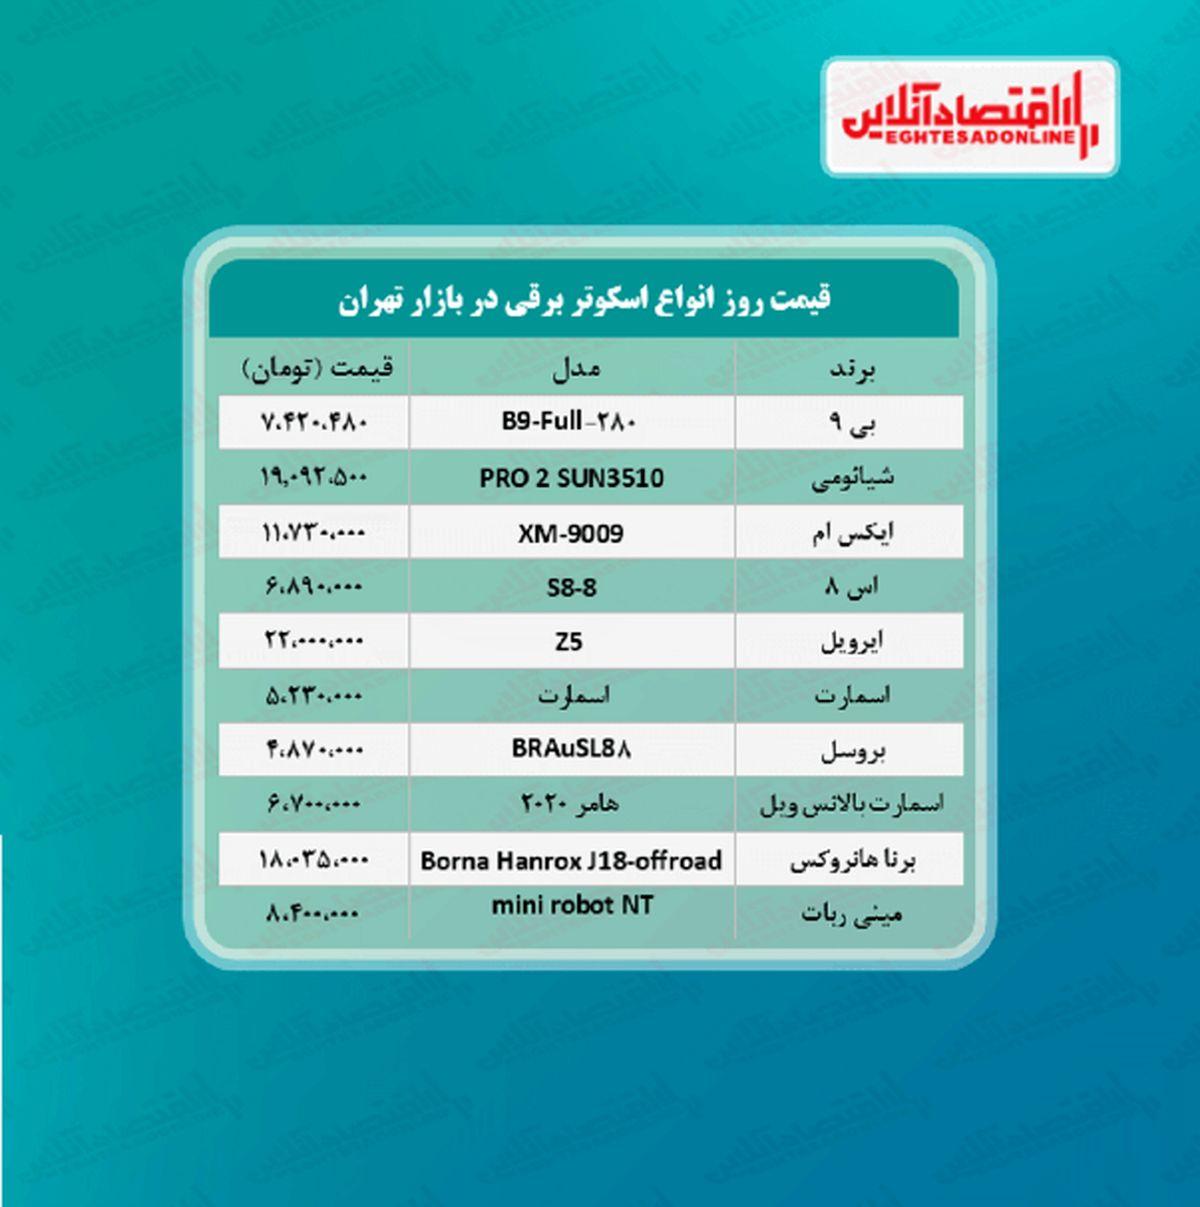 قیمت جدید اسکوتر برقی +جدول